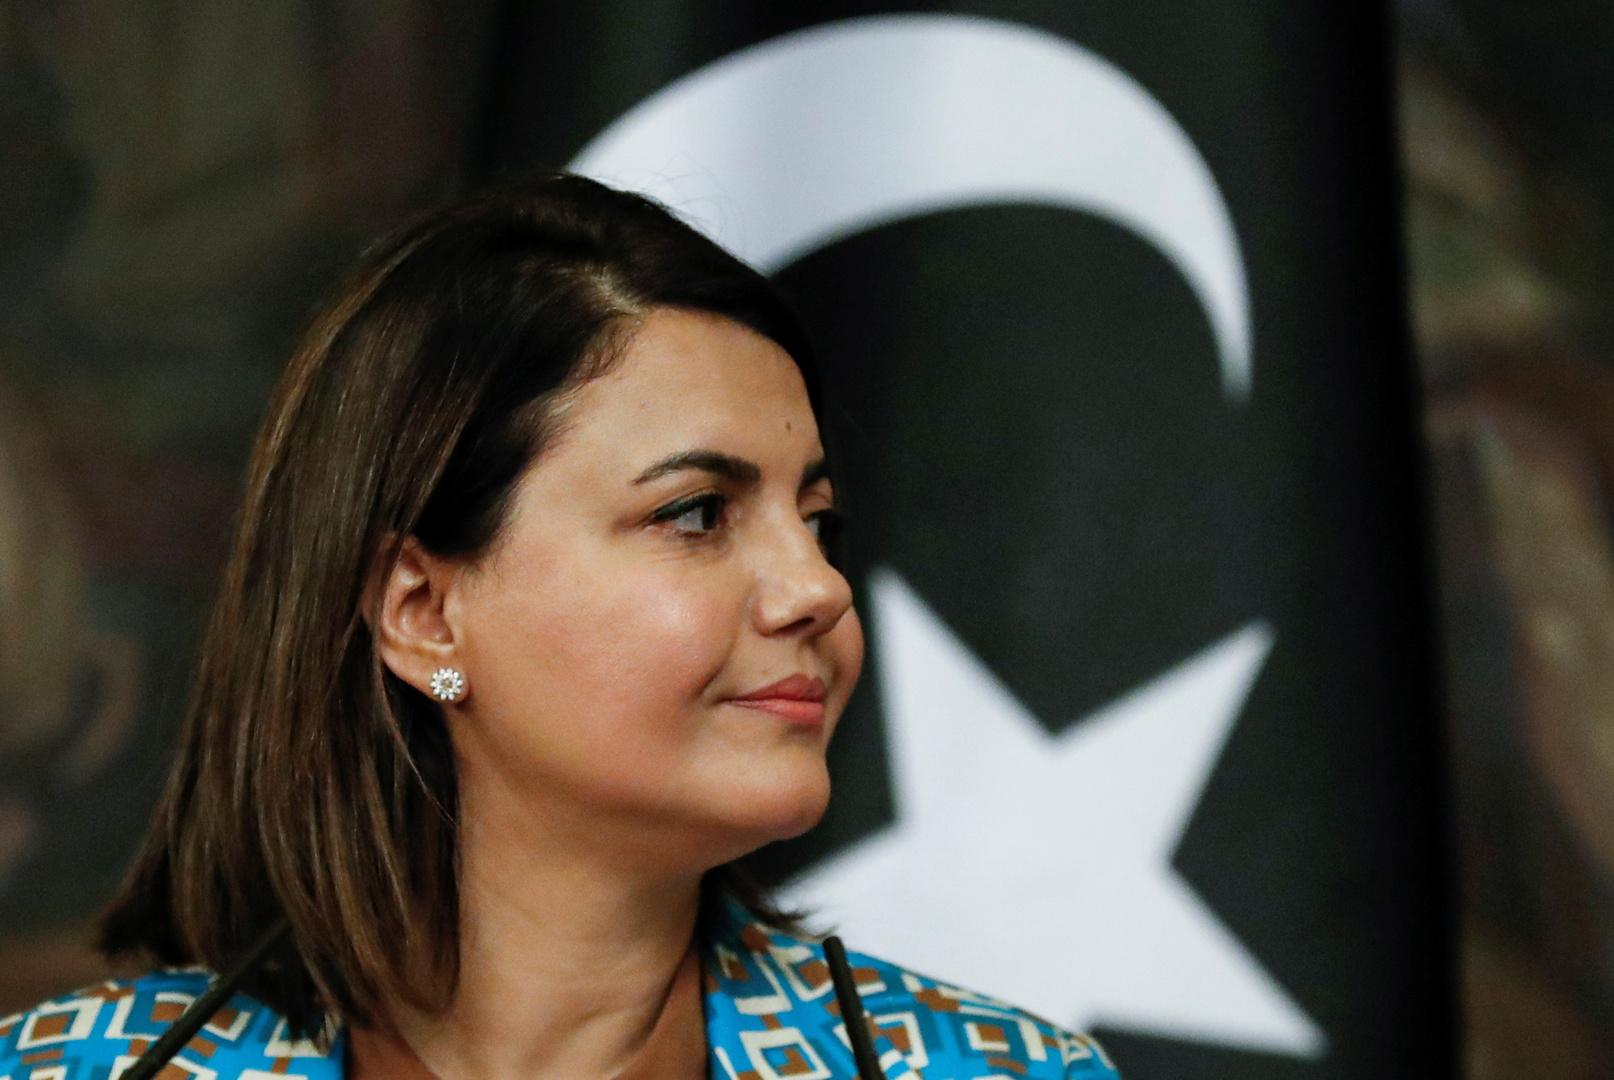 المنقوش: تأخر وضع الإطار التشريعي للانتخابات في ليبيا قد يعرقل إجراءها